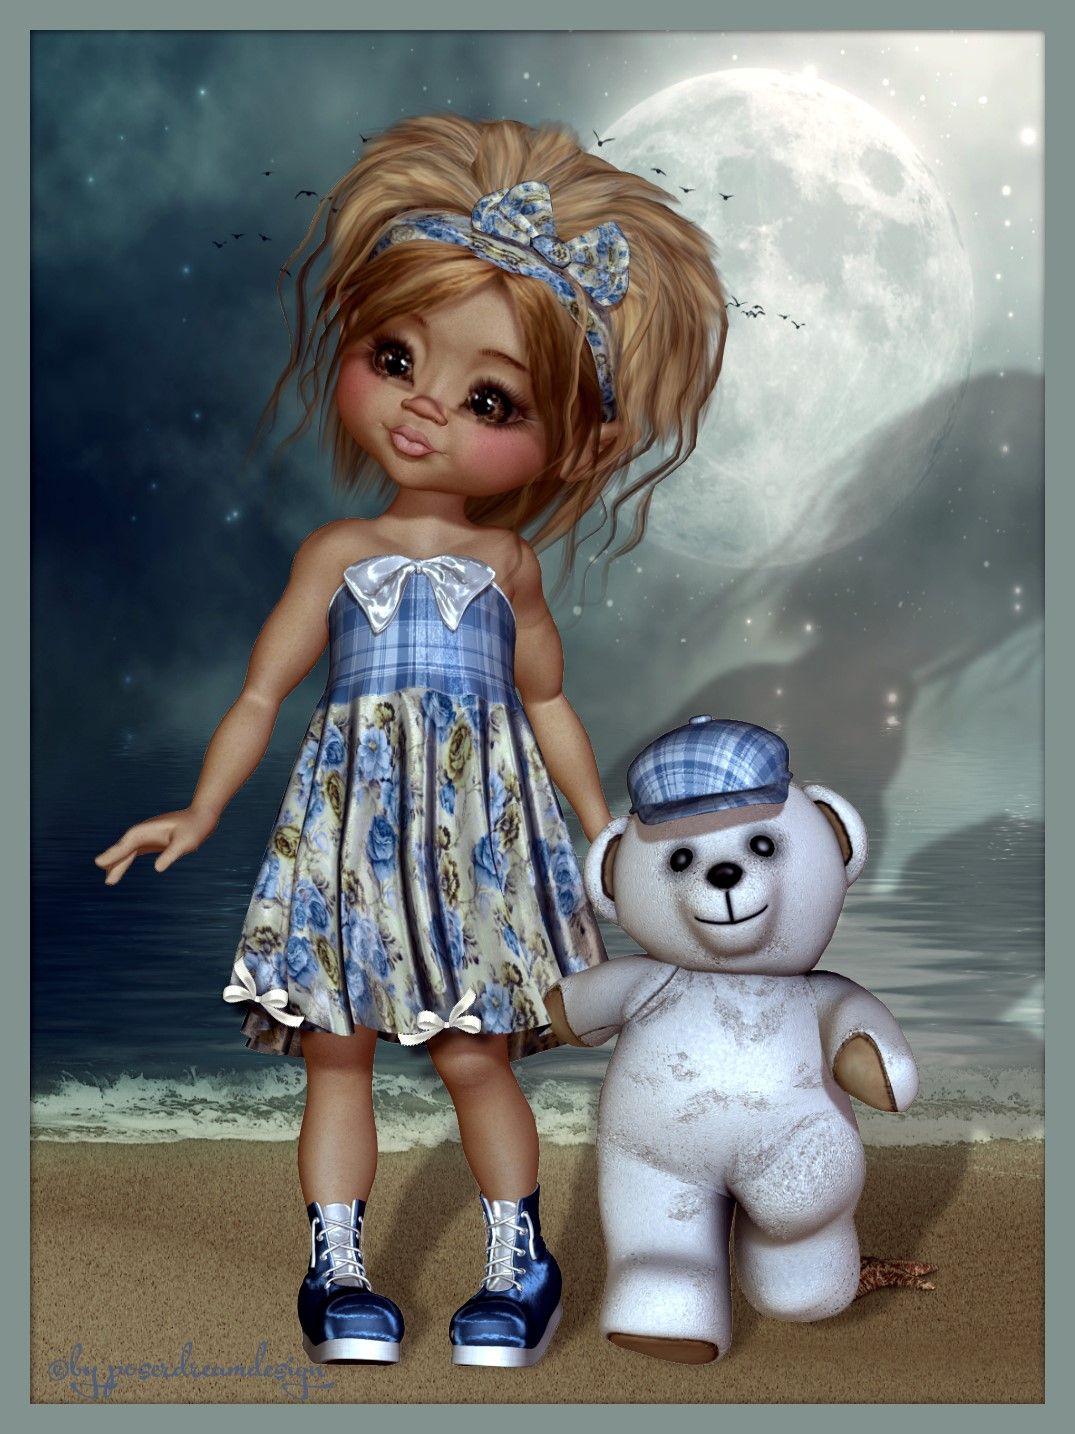 Poser Dream Design | ДЕТКИ - куколки | Wunderschöne bilder ...